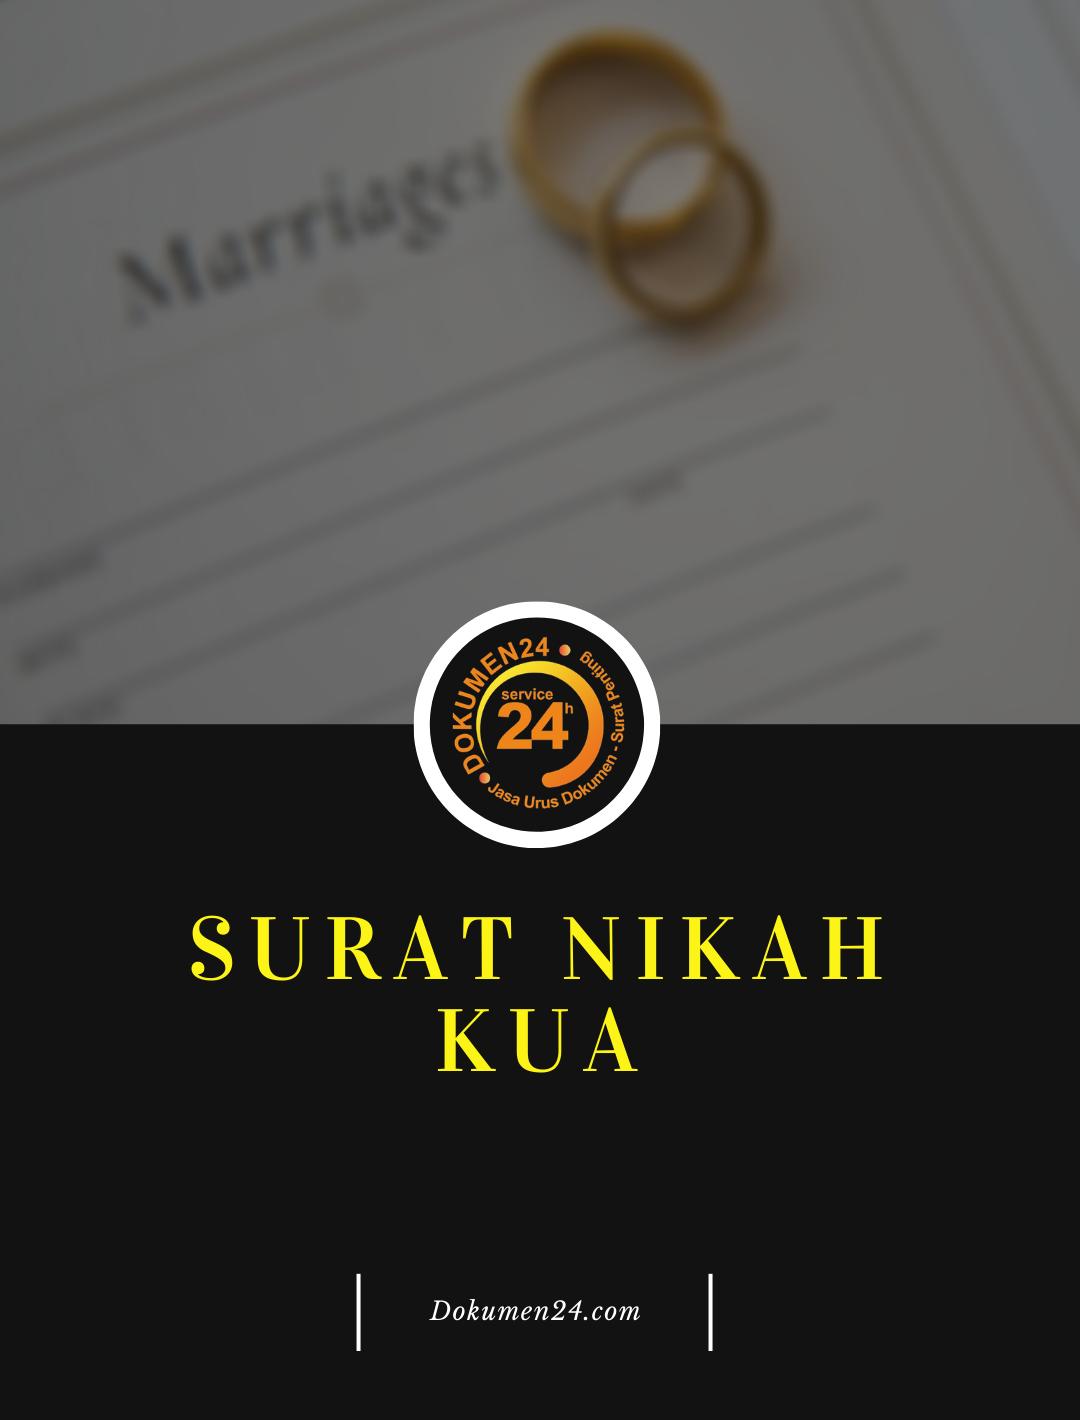 biro jasa surat nikah